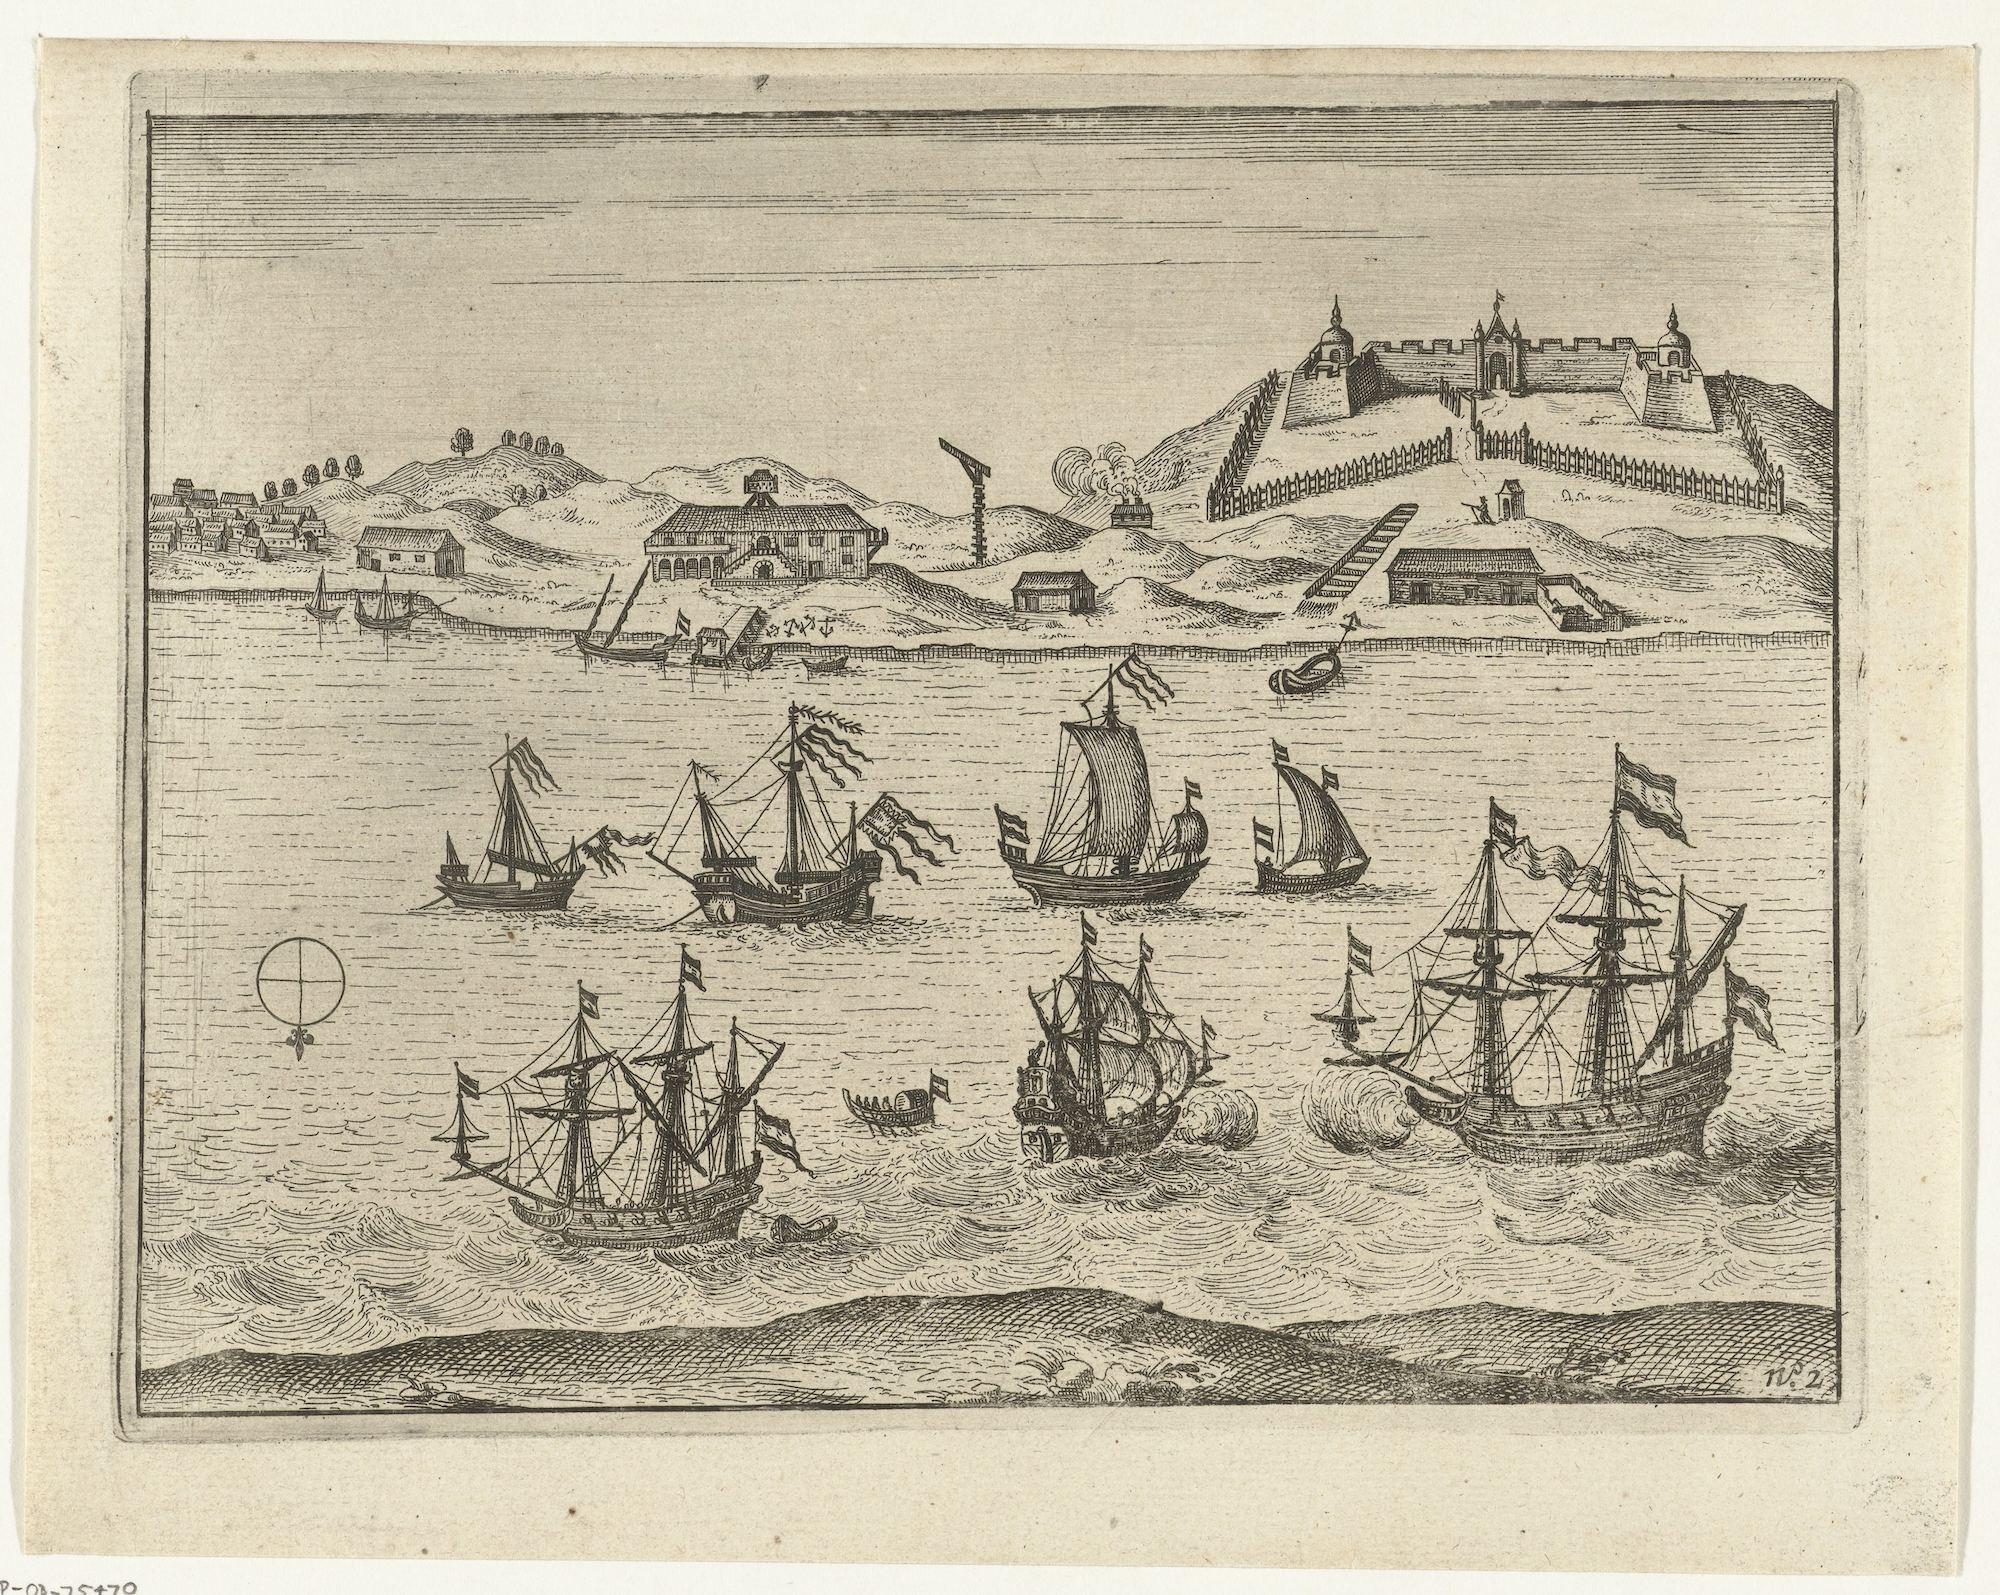 View of Fort Zeelandia